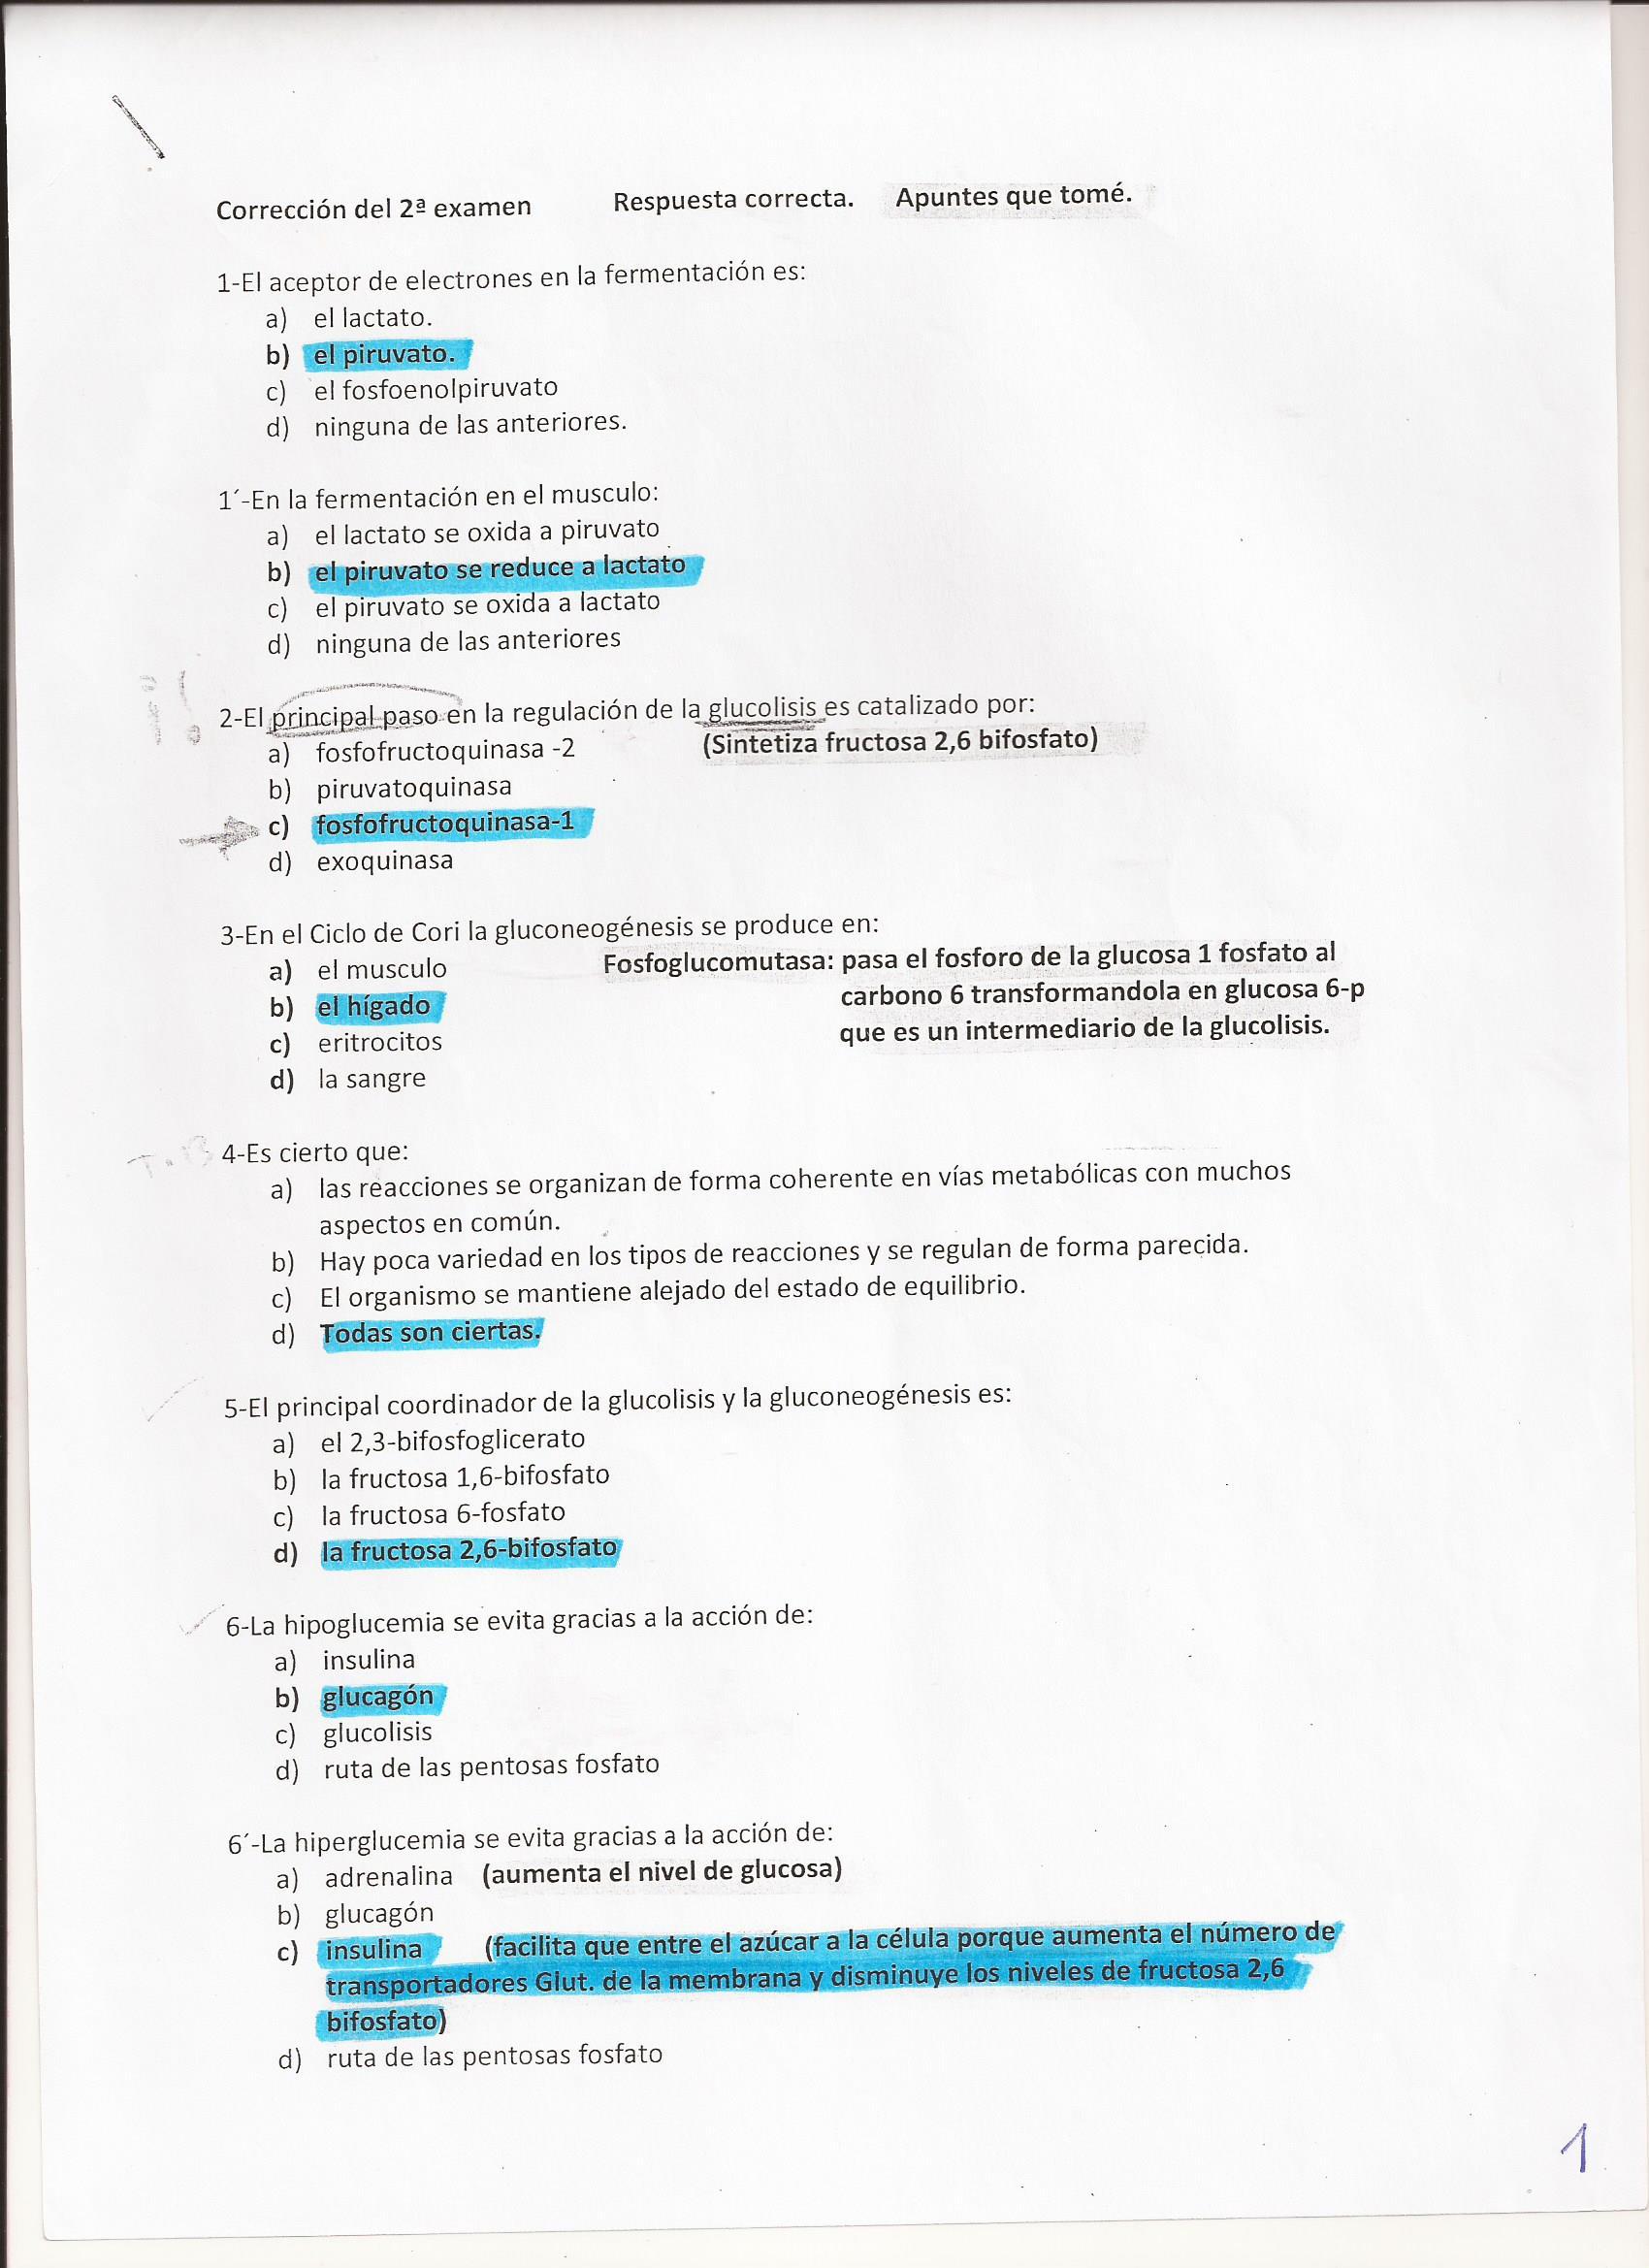 EXÁMENES 2015 - Página web de 8promocionmedicinaucv